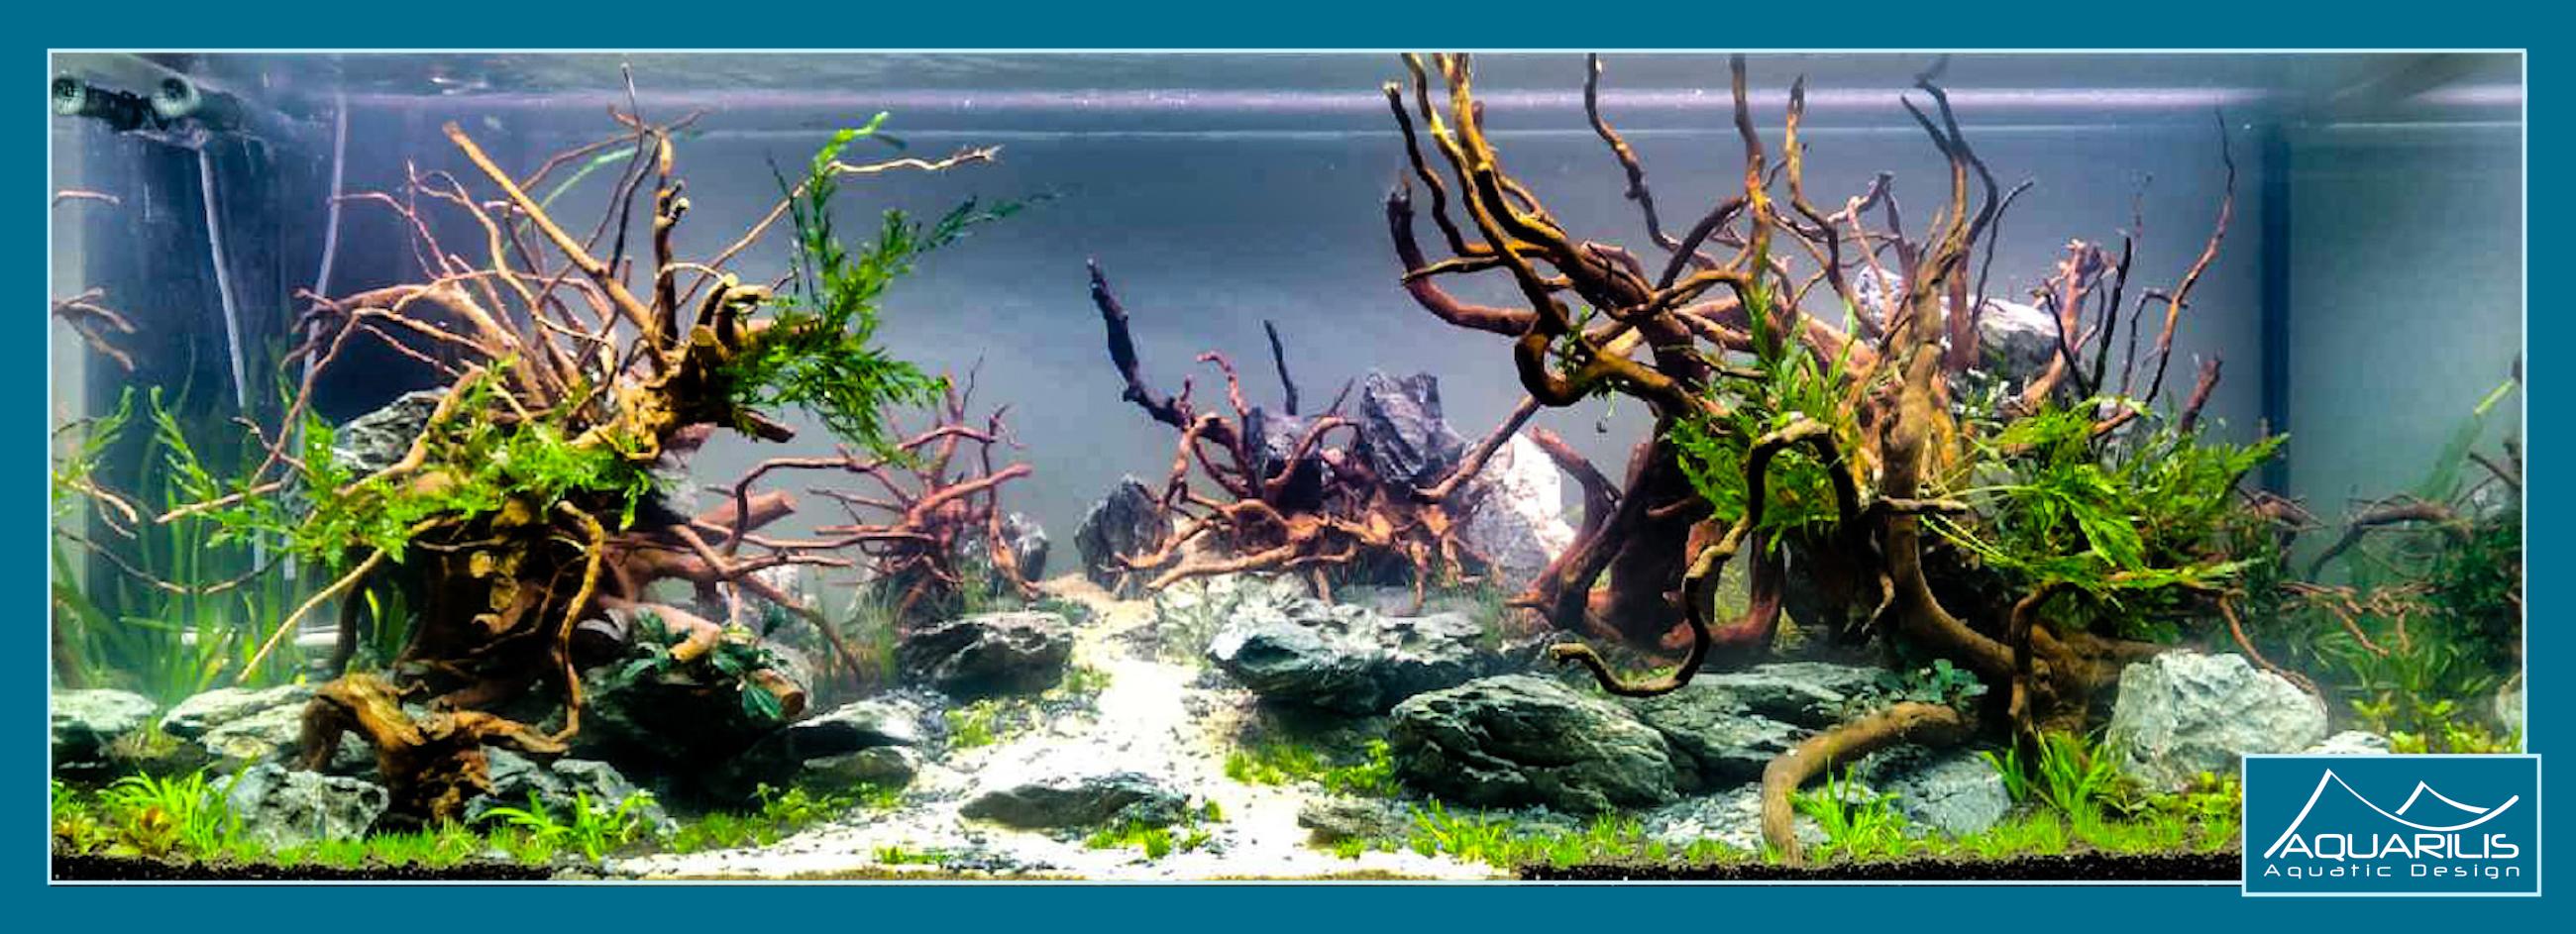 Apachetta aquarium client